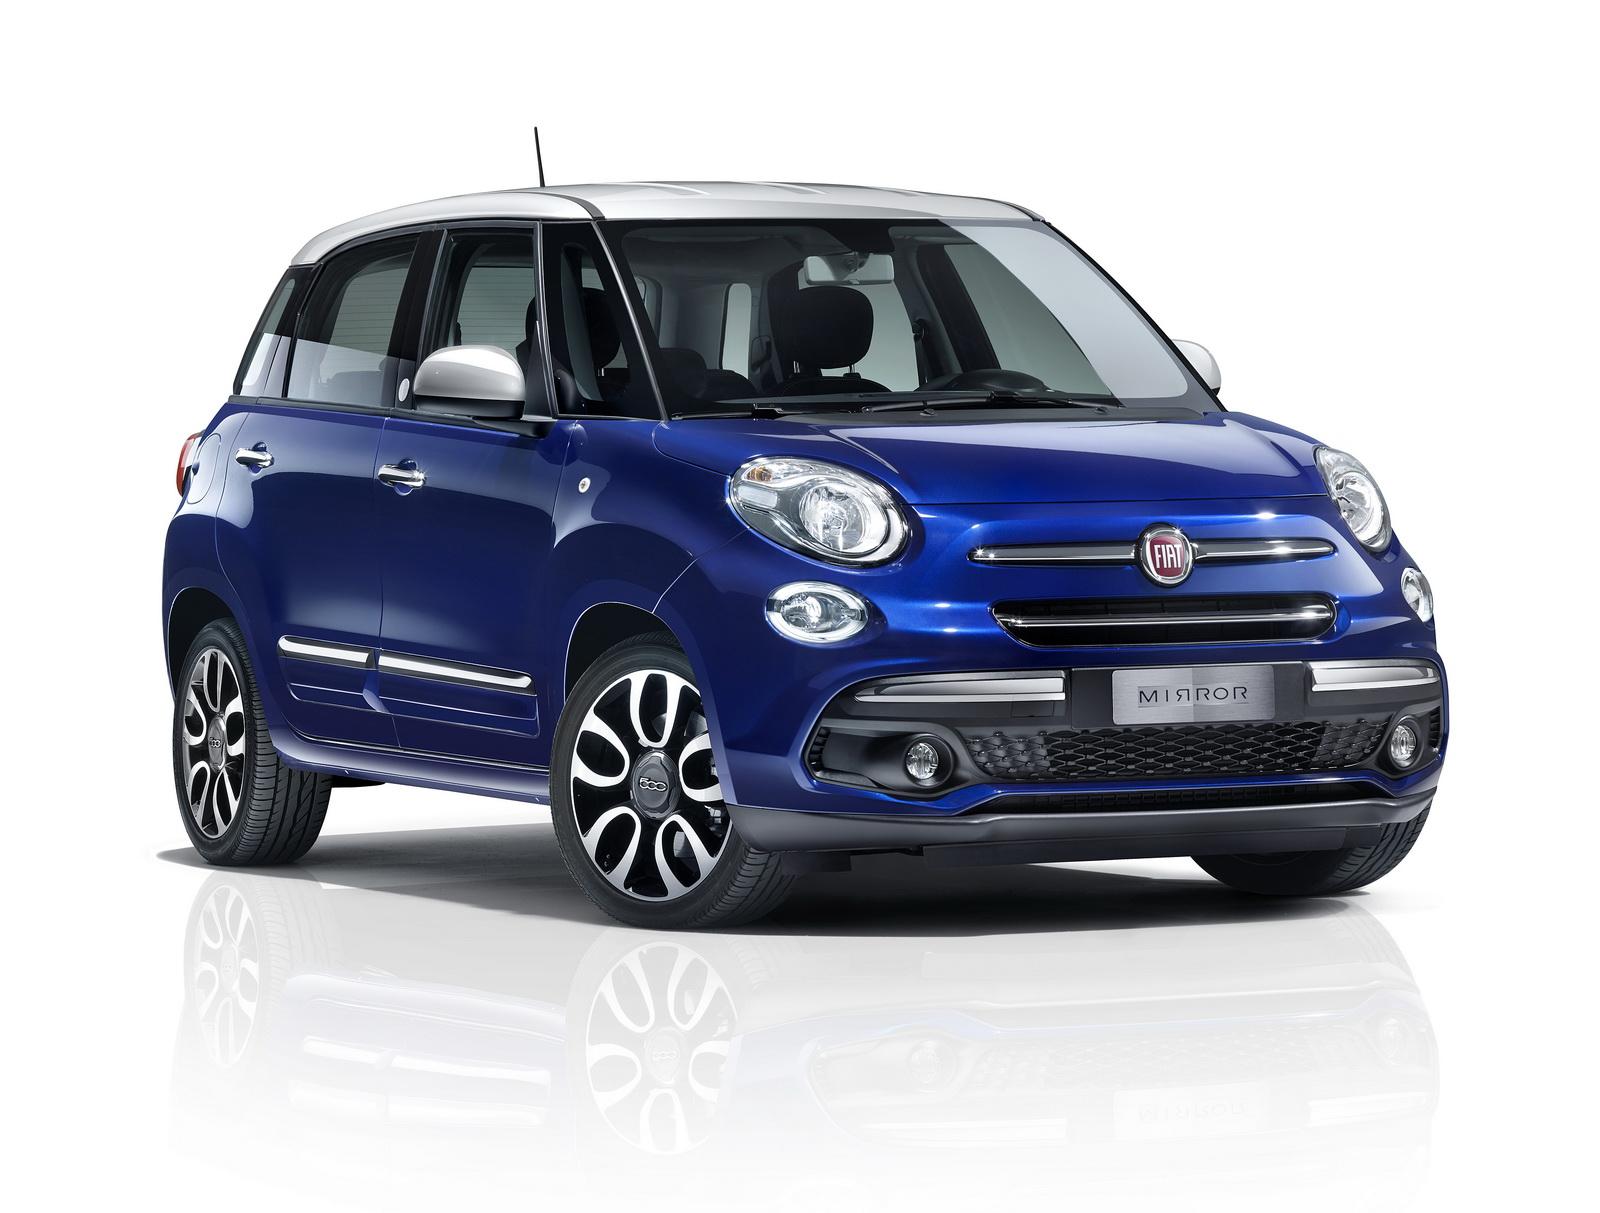 Fiat_Famiglia Mirror_13